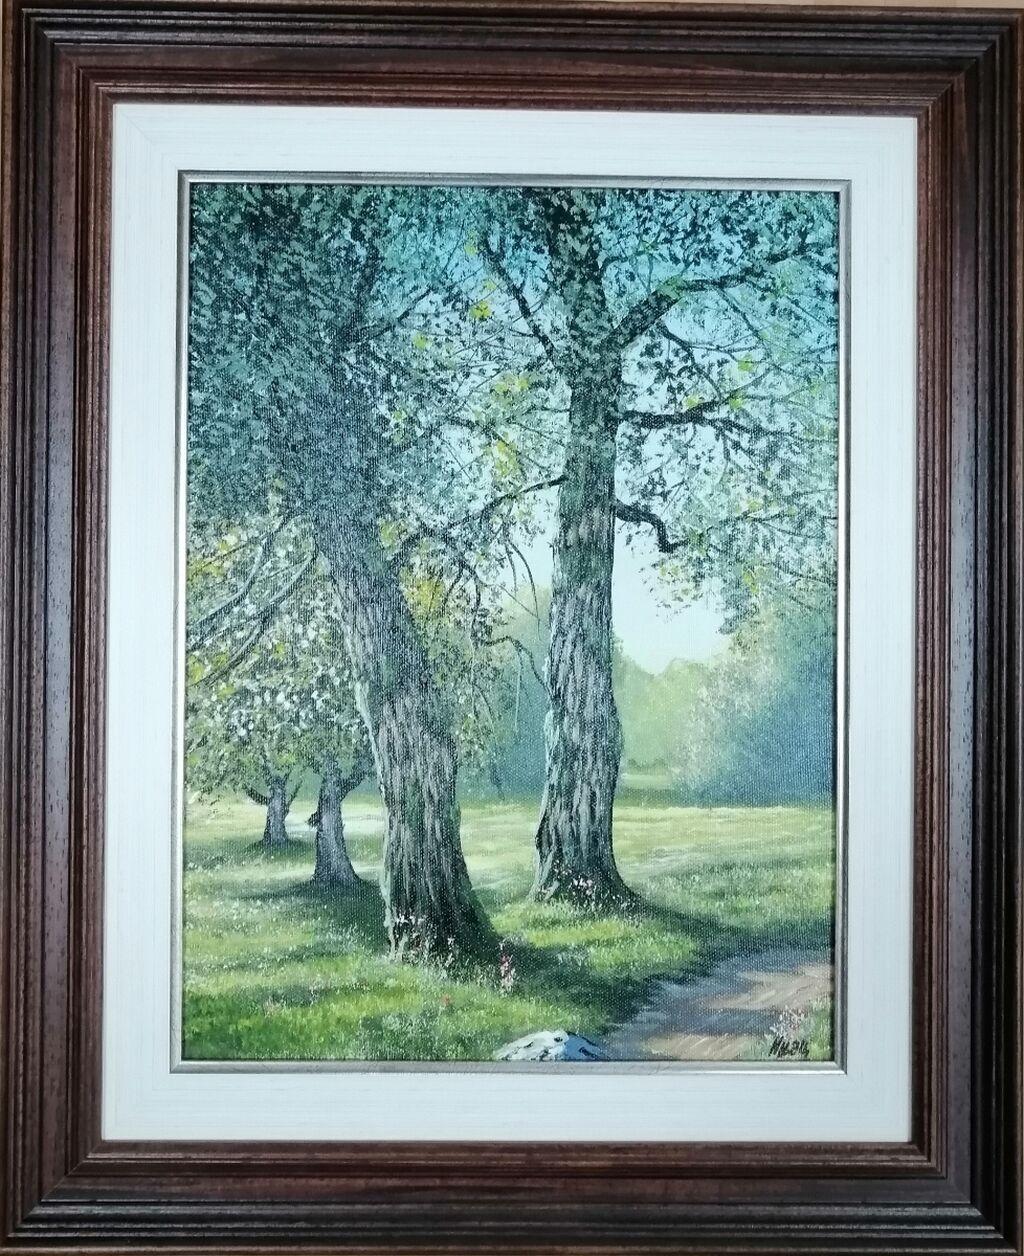 Slike - Beograd: Autor slike Injac Aleksandar, ulje na platnu zategnuto na blind ram, dimenzija slike 30x40 cm plus ram kao na fotografiji